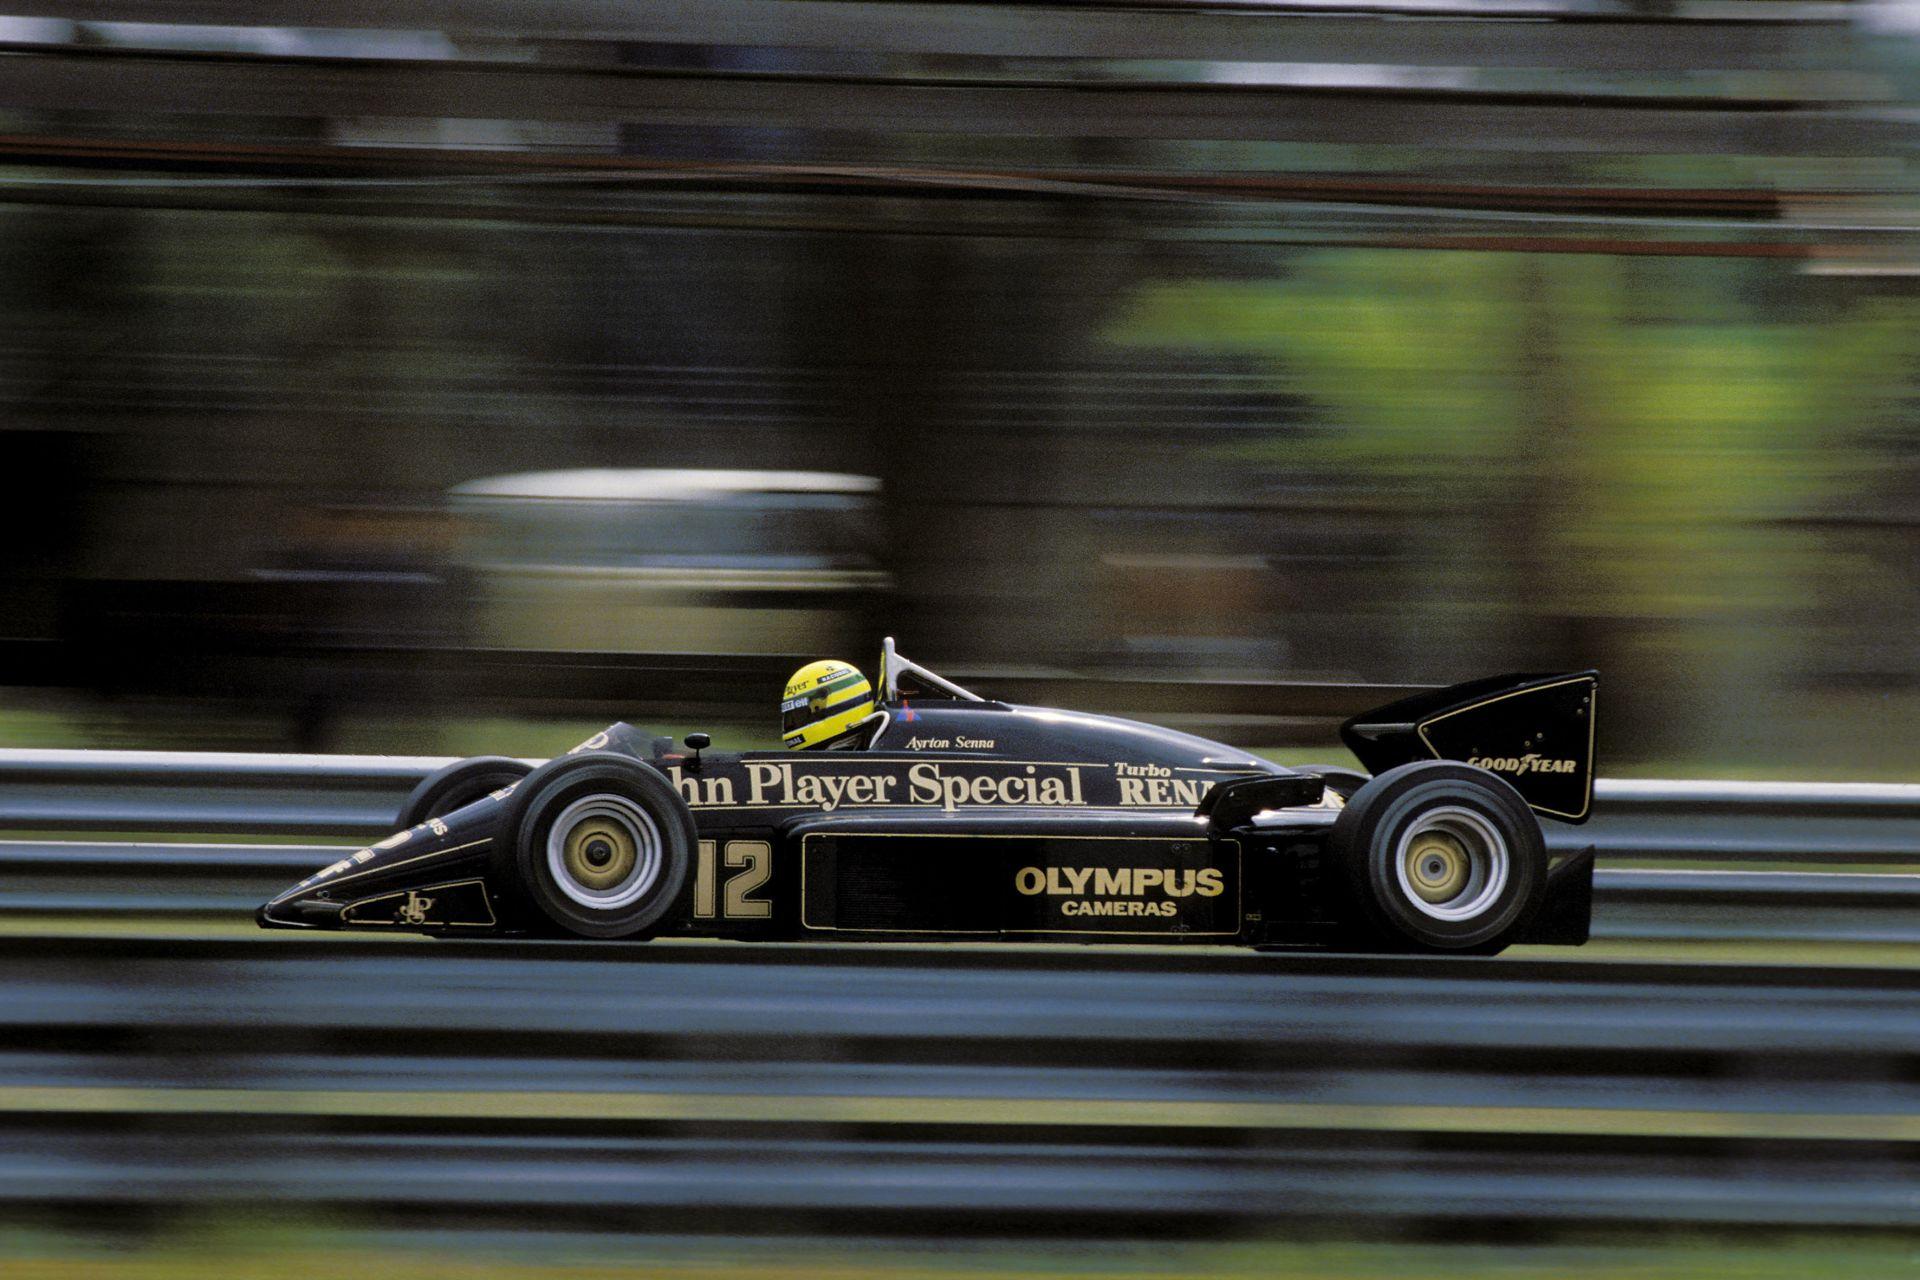 1986-ban ennyit kellett gépészkedni egy F1-es autóban